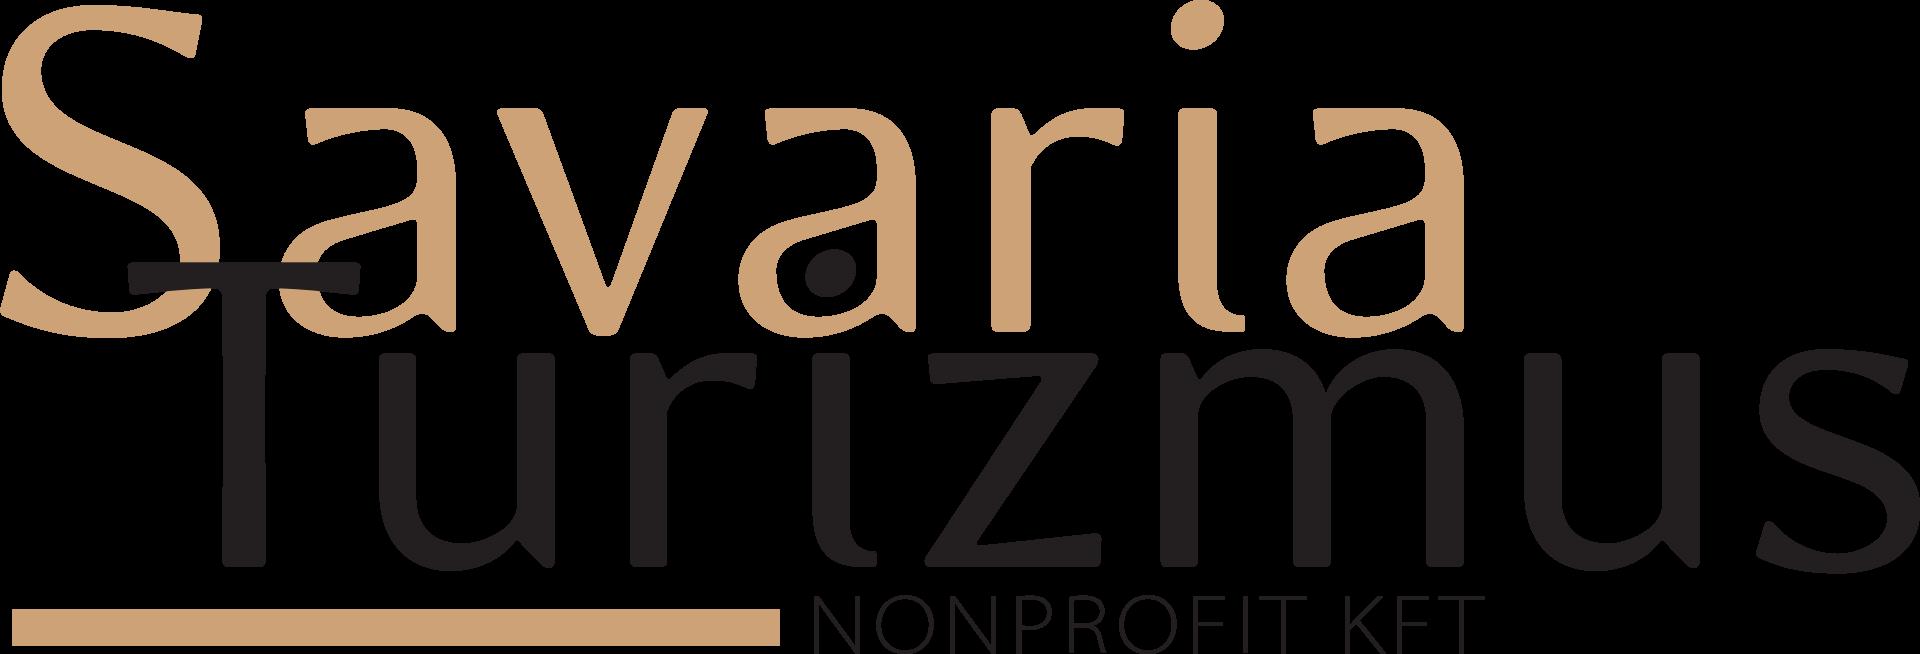 Savaria Turizmus logo